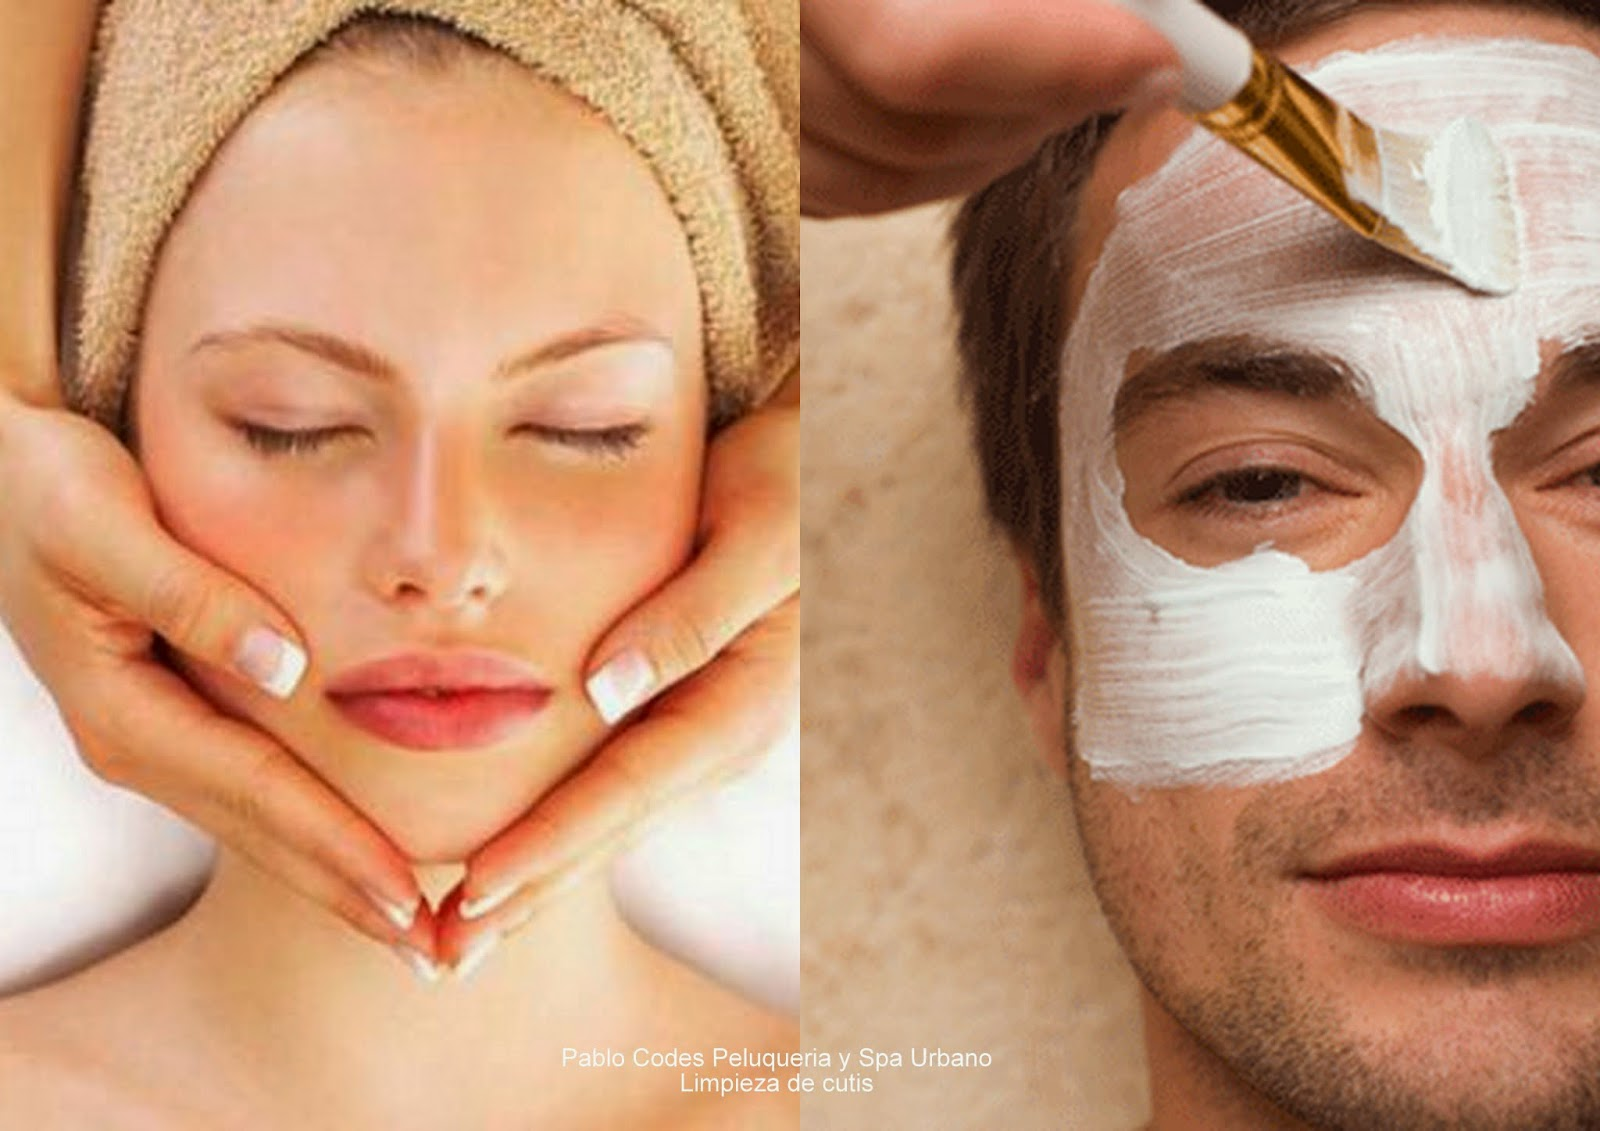 Narine y el acné